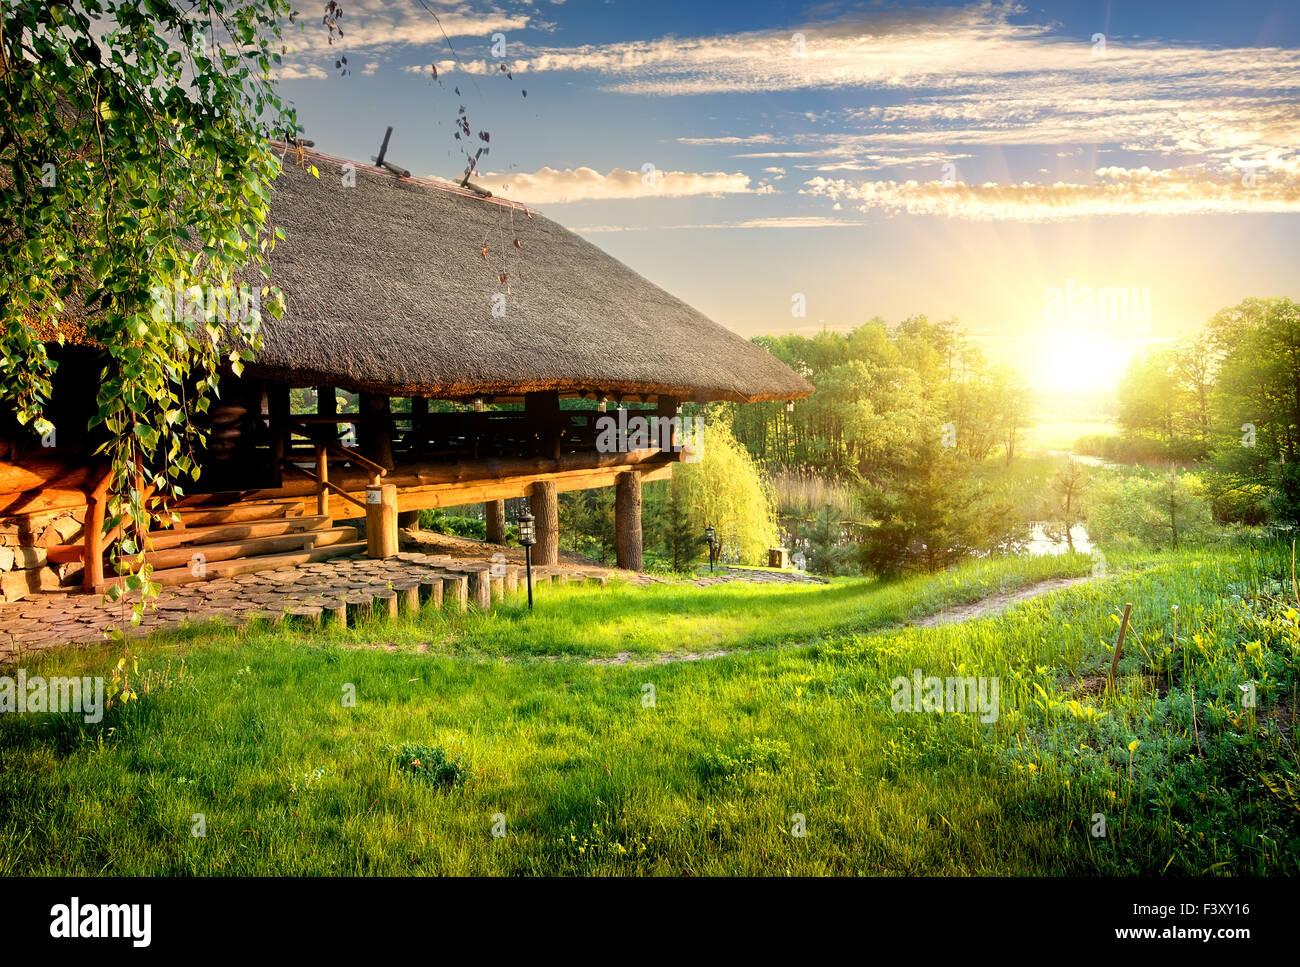 Haus des Protokolls in der Nähe von See bei Sonnenuntergang Stockbild